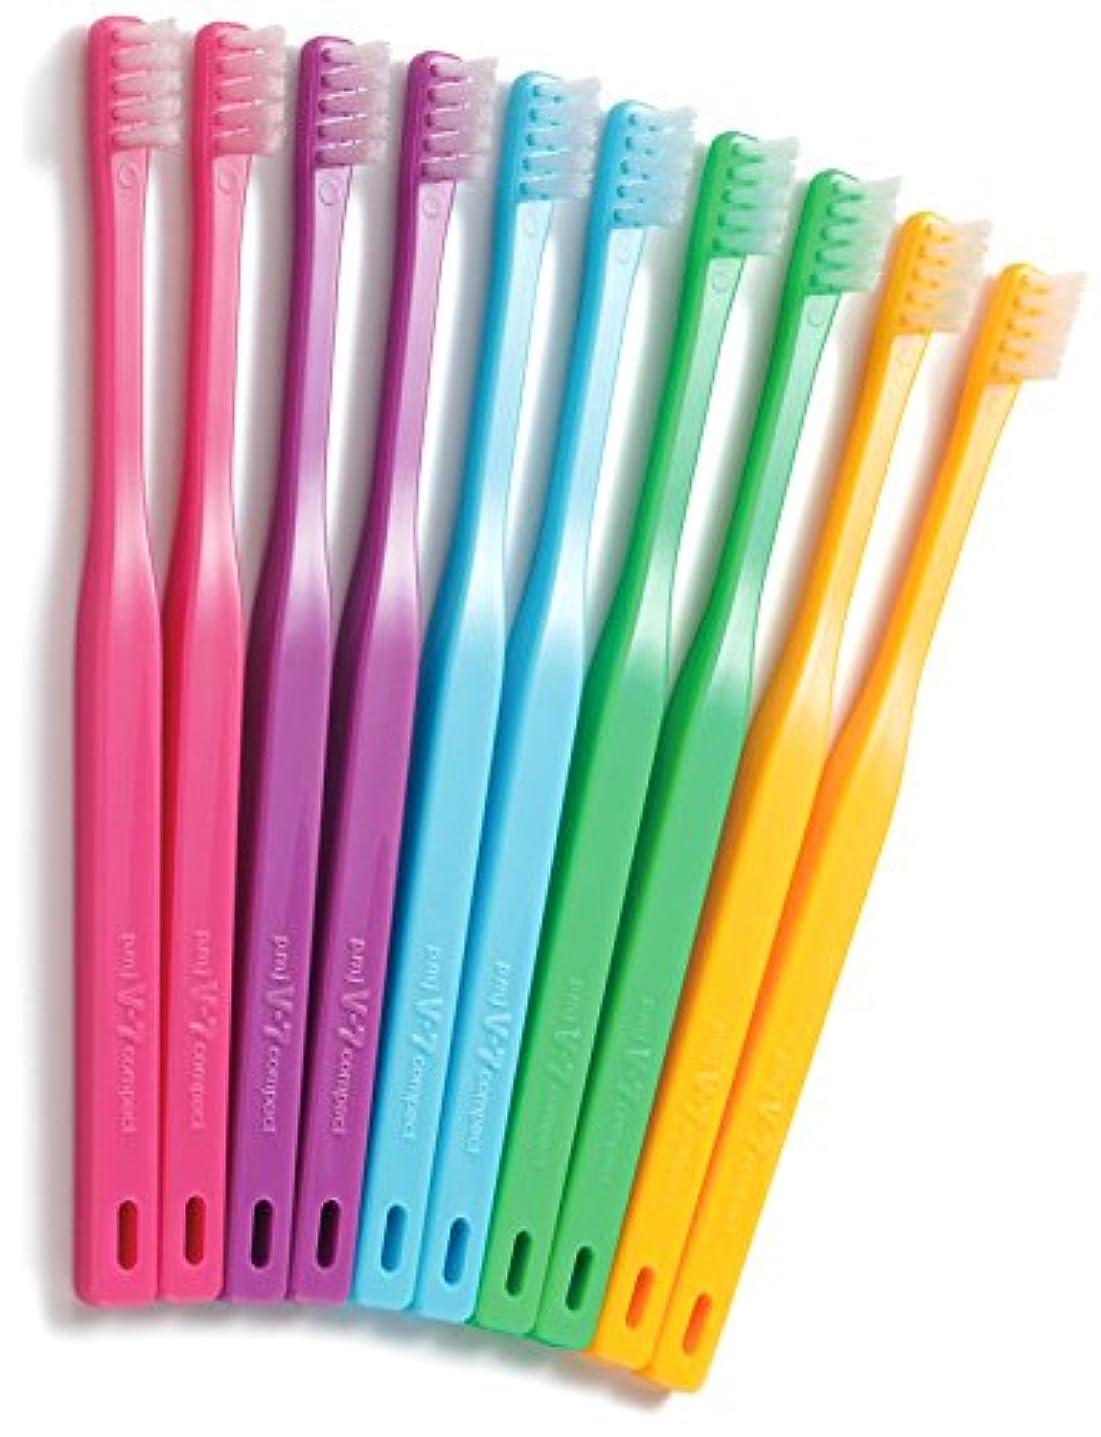 ベリーサーキュレーション誇りつまようじ法歯ブラシ V-7 コンパクトヘッド 10本入